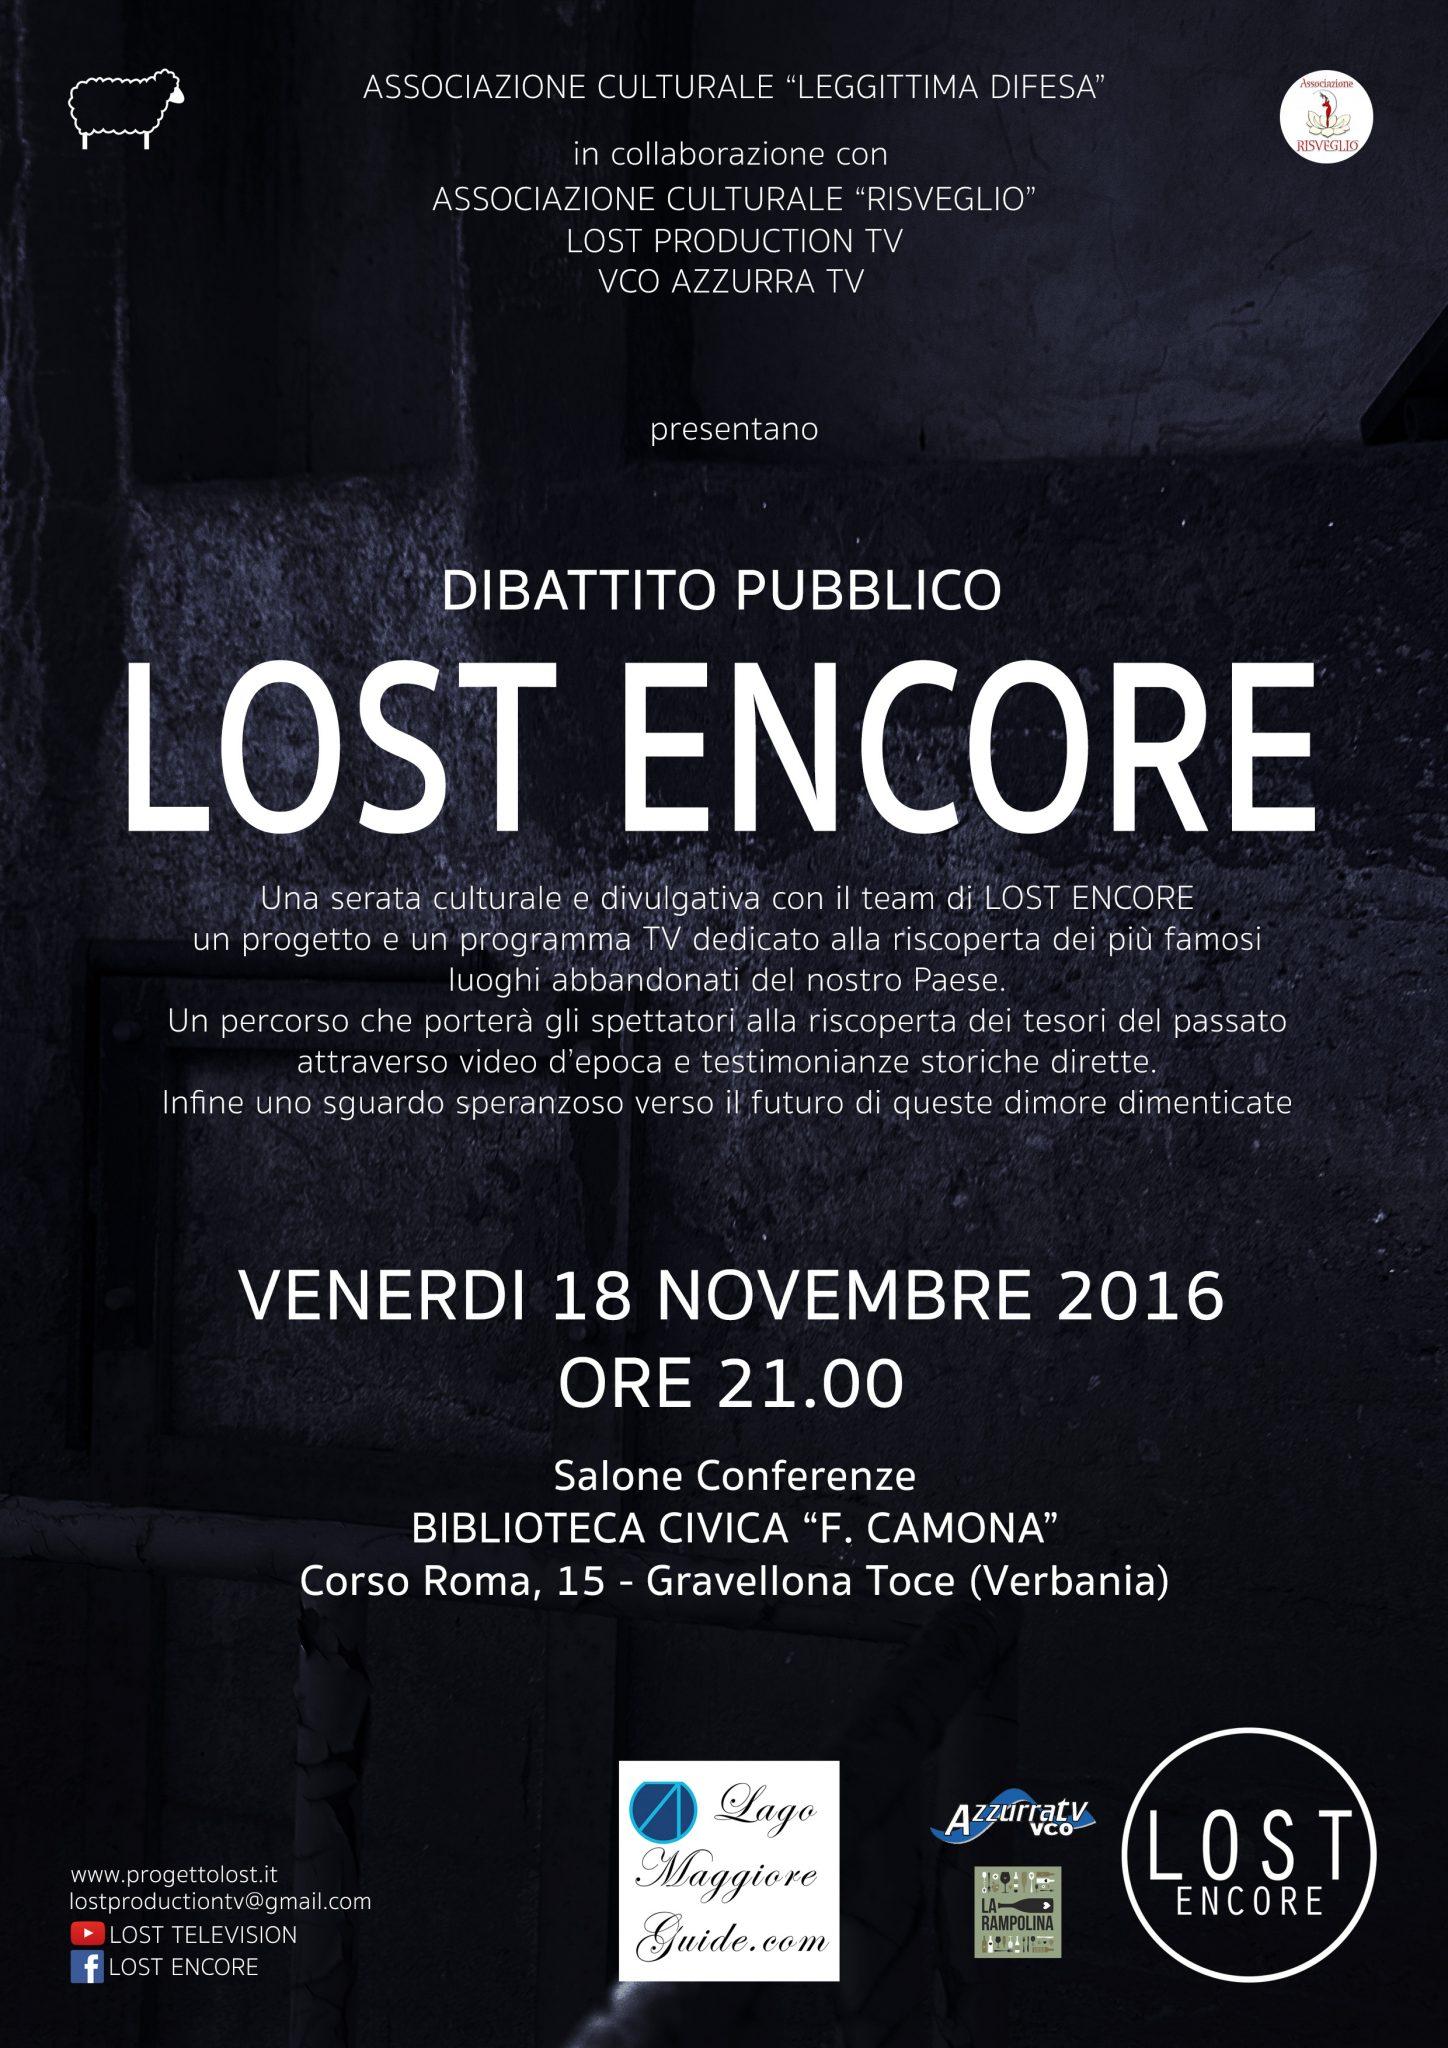 lost-encore-locandina-dibattito-vco_2